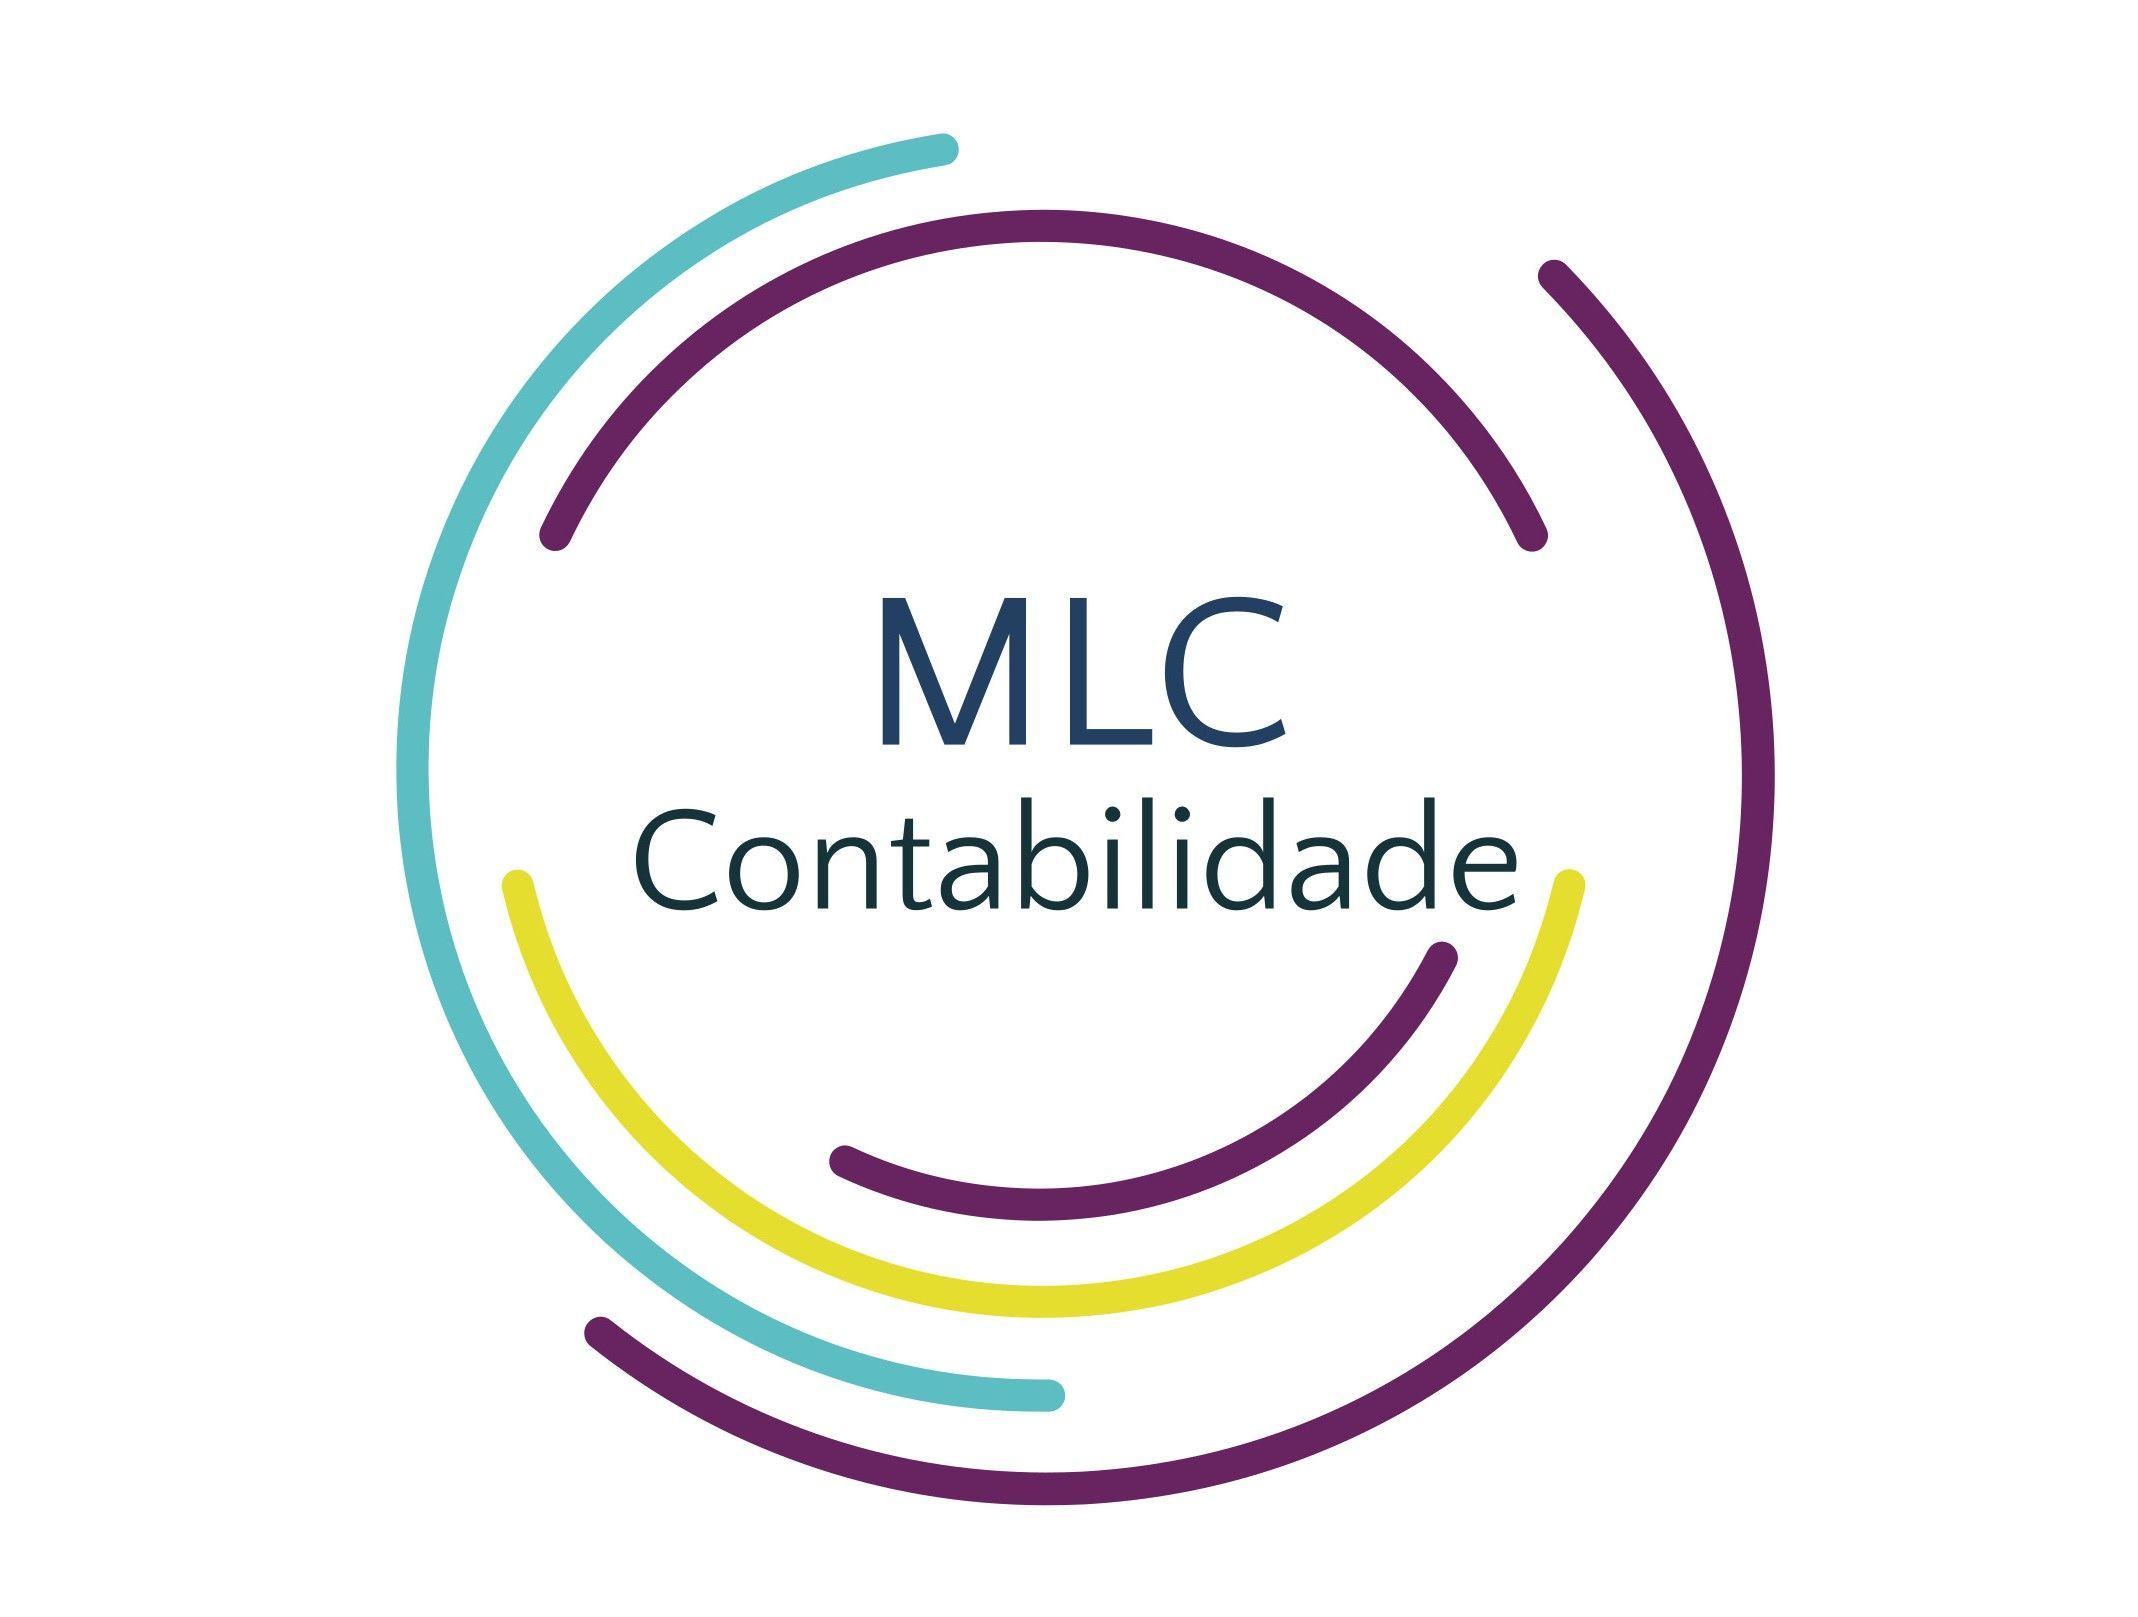 MLC Contabilidade